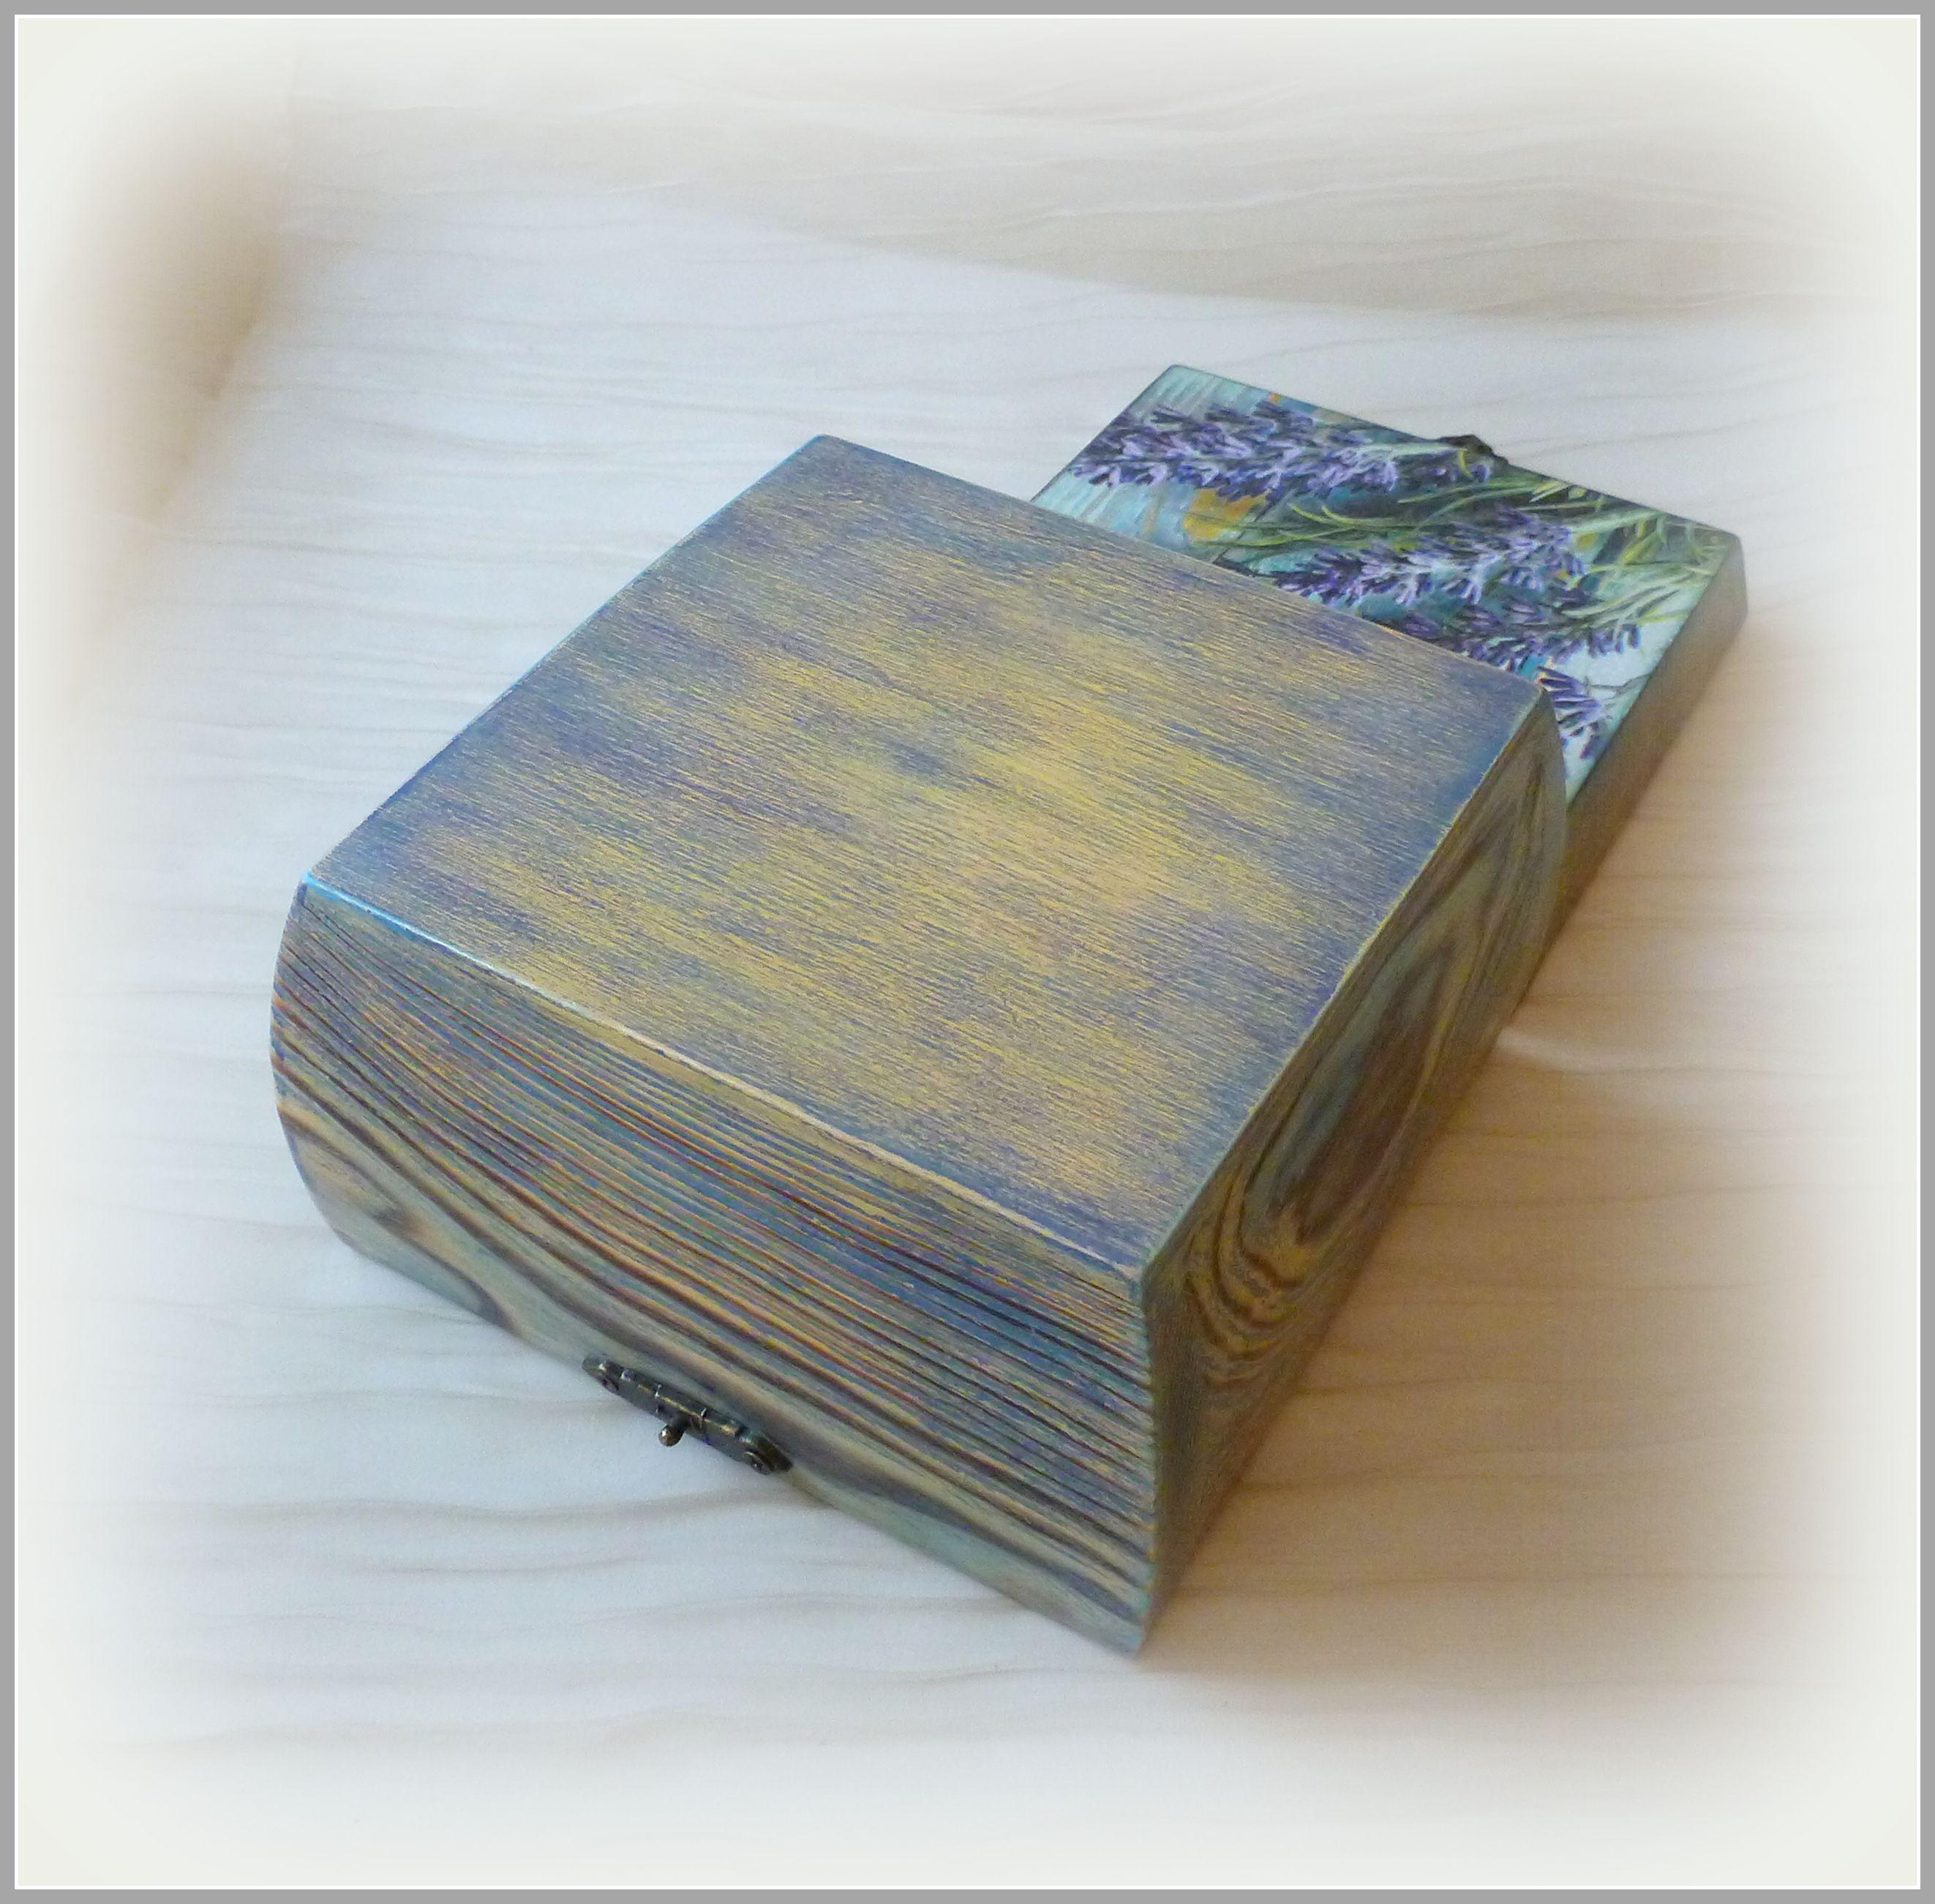 шкатулкадекупаж бирюзовый прованс сиреневый коробка шкатулка лаванда шкатулкадлямелочей сундучок сундук дляхранения шкатулкакупить деревяннаяшкатулка декупаж голубой фиолетовый эко дляукрашений короб